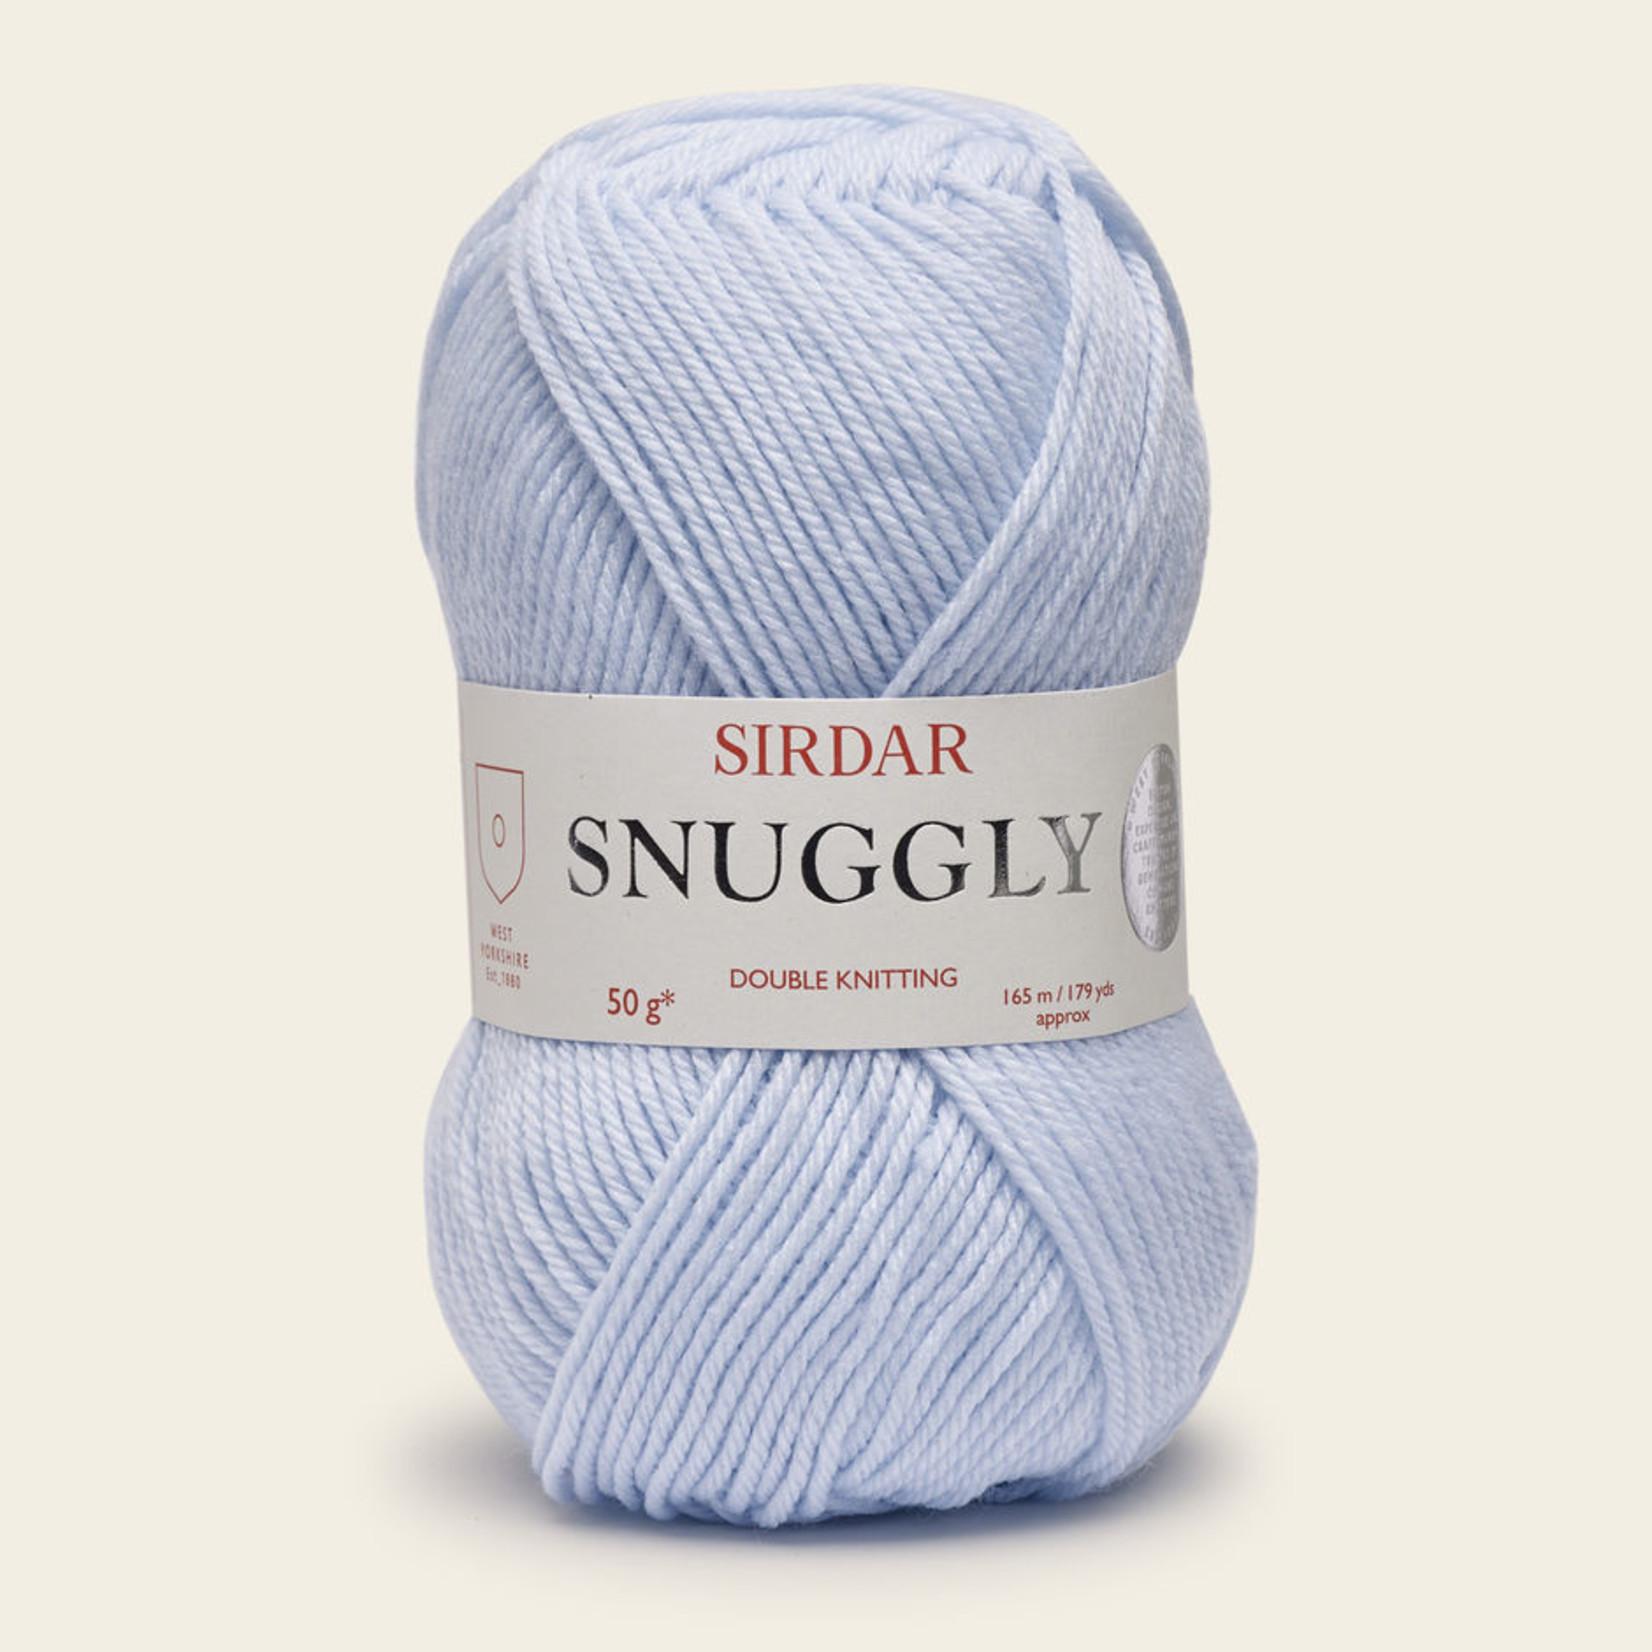 Sirdar Snuggly DK by Sirdar